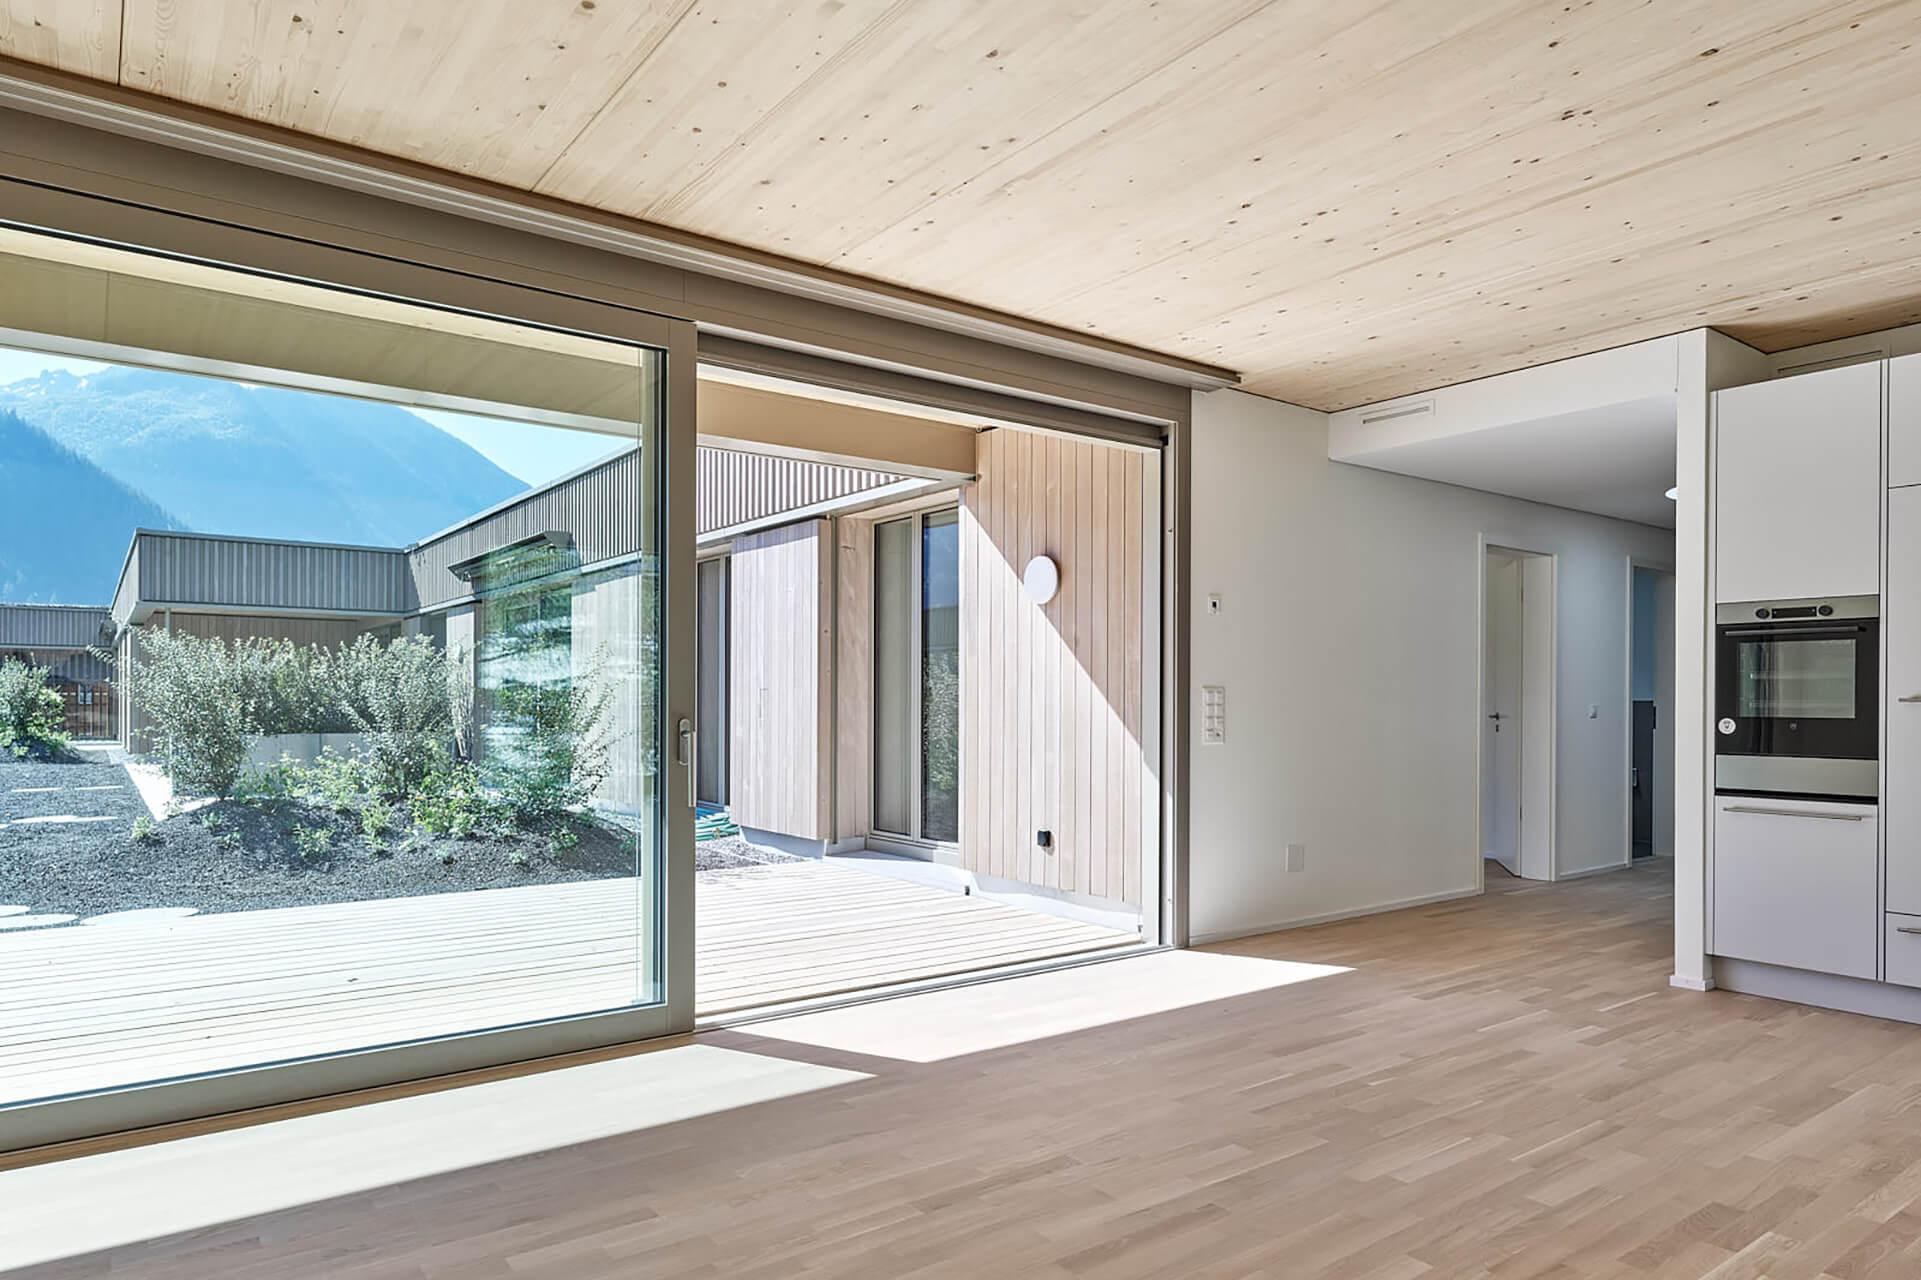 https://fsw-kreatektur.ch/wp-content/uploads/Fsw-Kreatektur-Architektur-Bauleitung-Migros-Wohnung-Innenhof-tiny.jpg